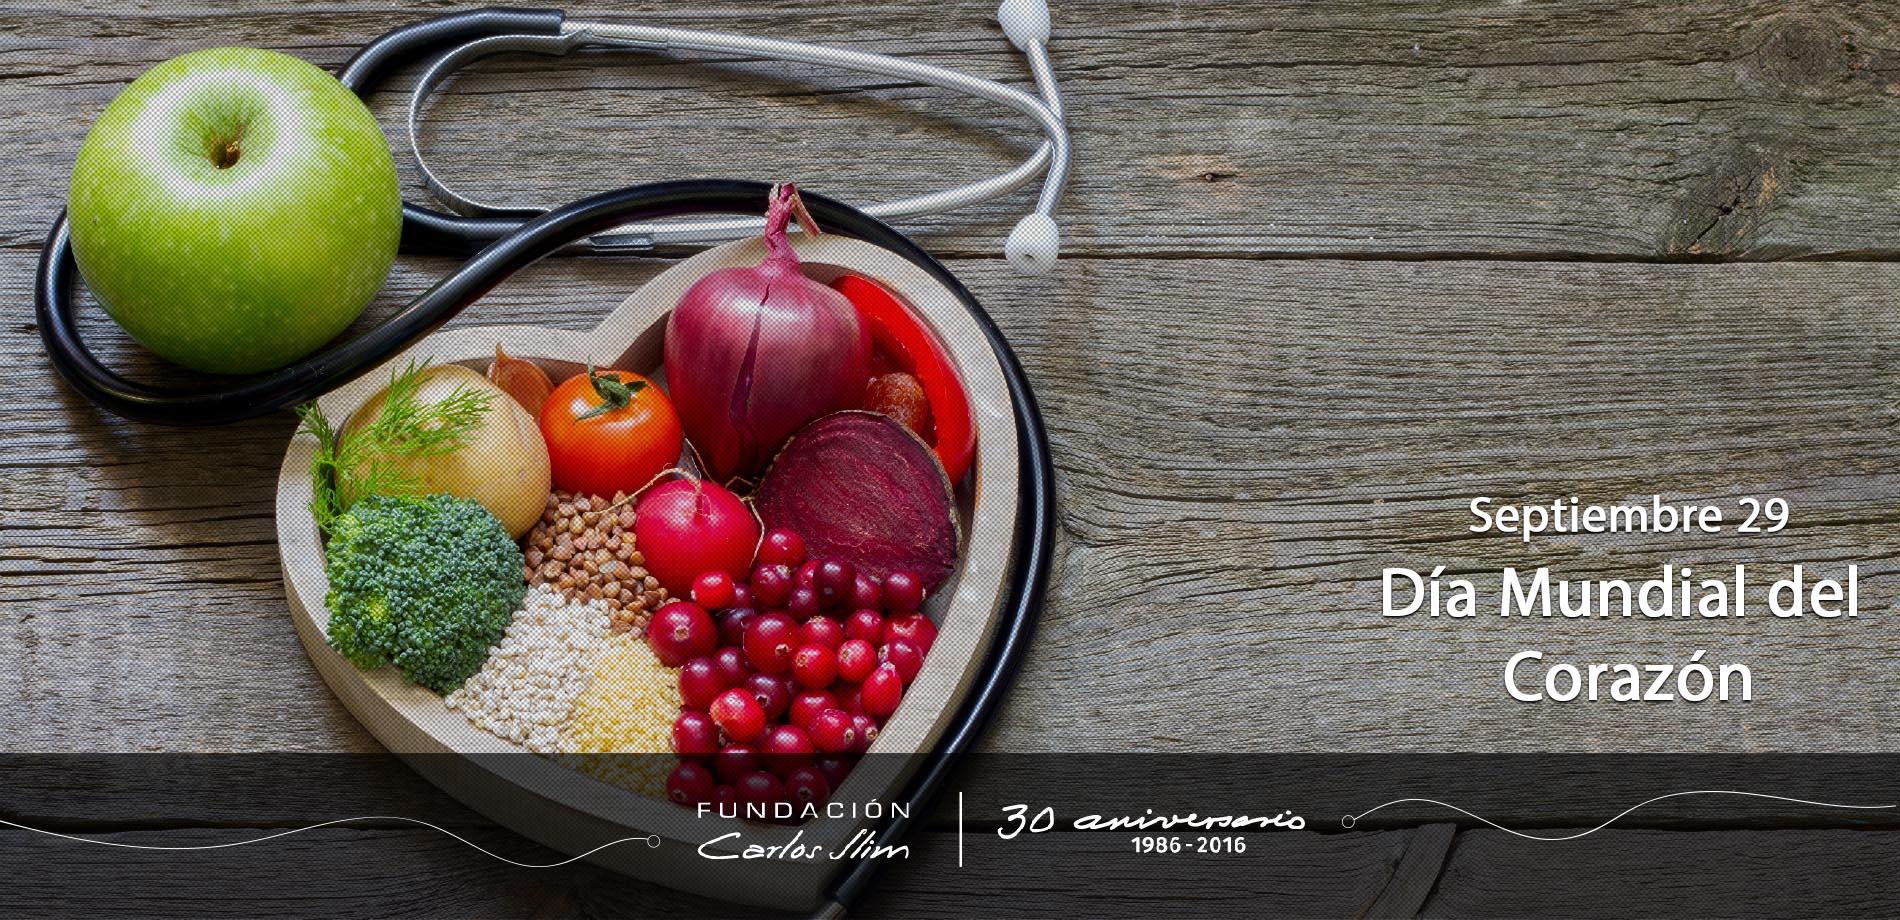 12 Septiembre 29  Dia Mundial del Corazon